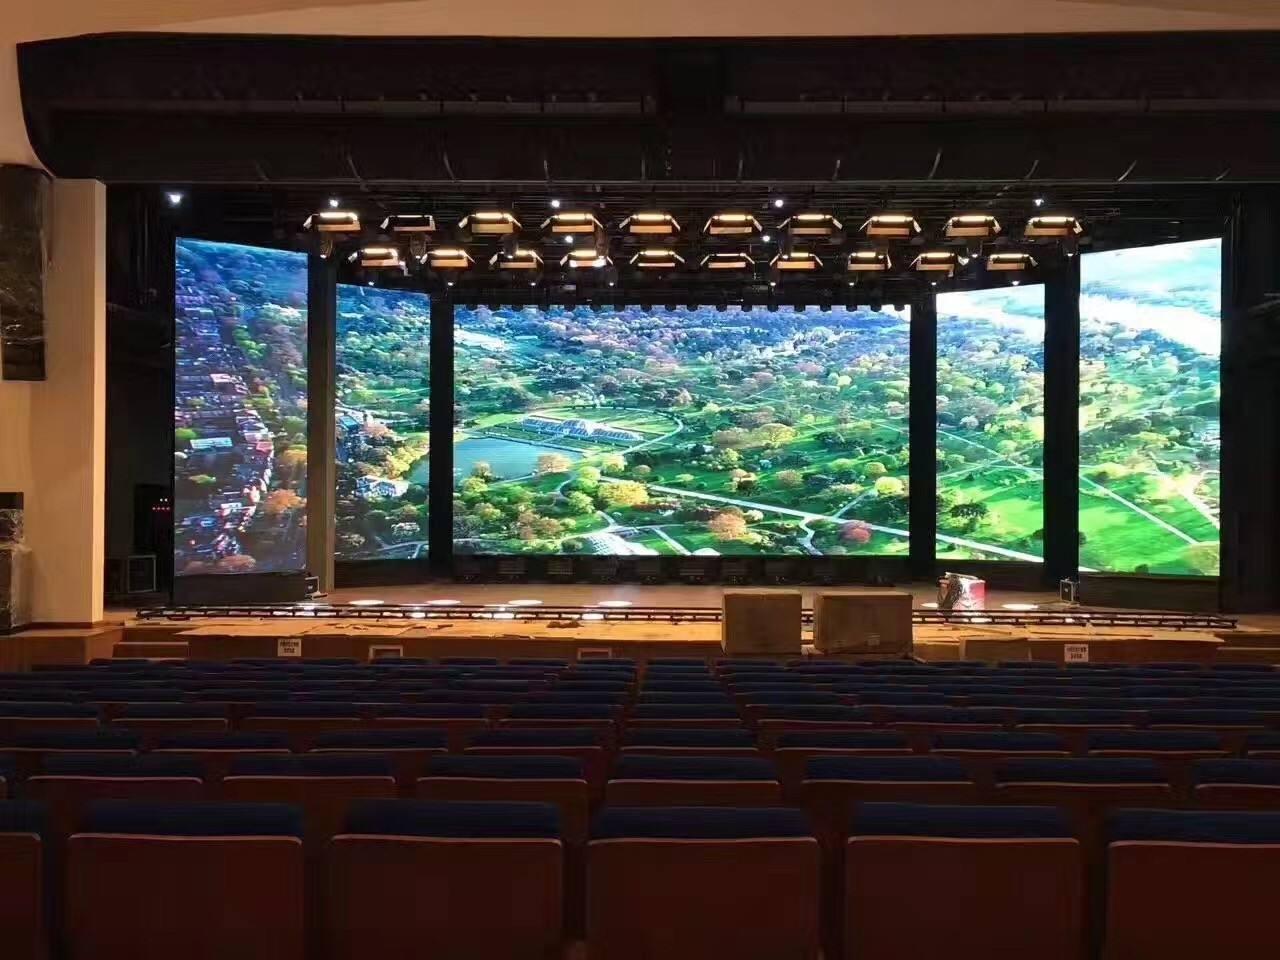 佛山强力巨彩-全彩led显示屏,LED显示屏厂家,会议室大屏